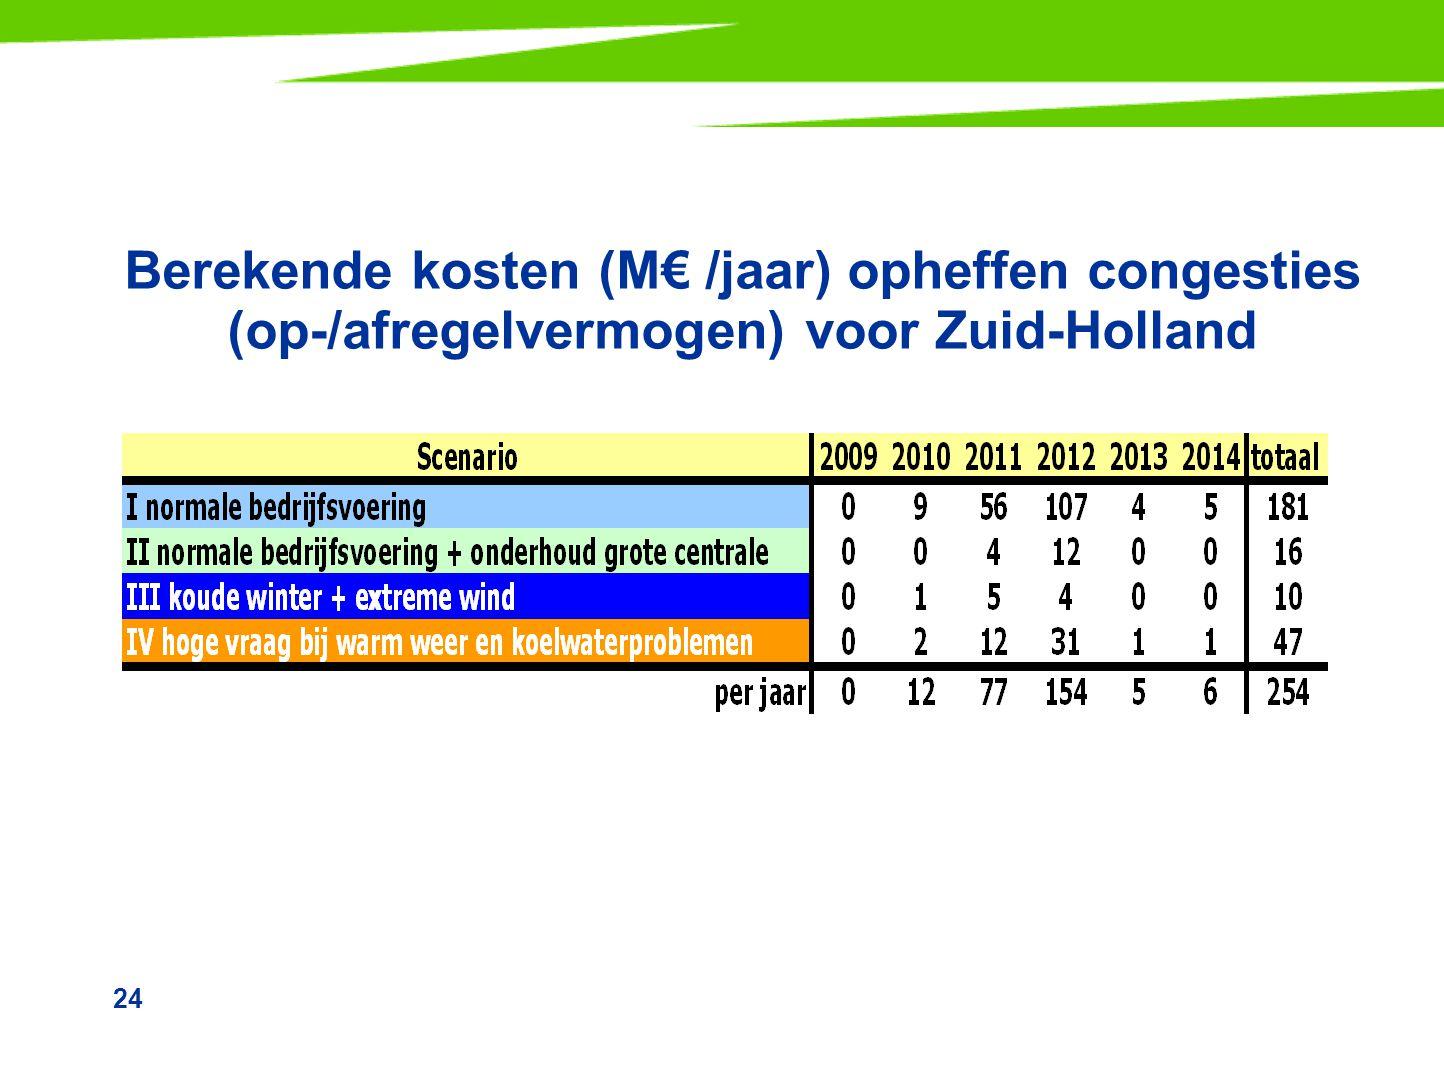 24 Berekende kosten (M€ /jaar) opheffen congesties (op-/afregelvermogen) voor Zuid-Holland